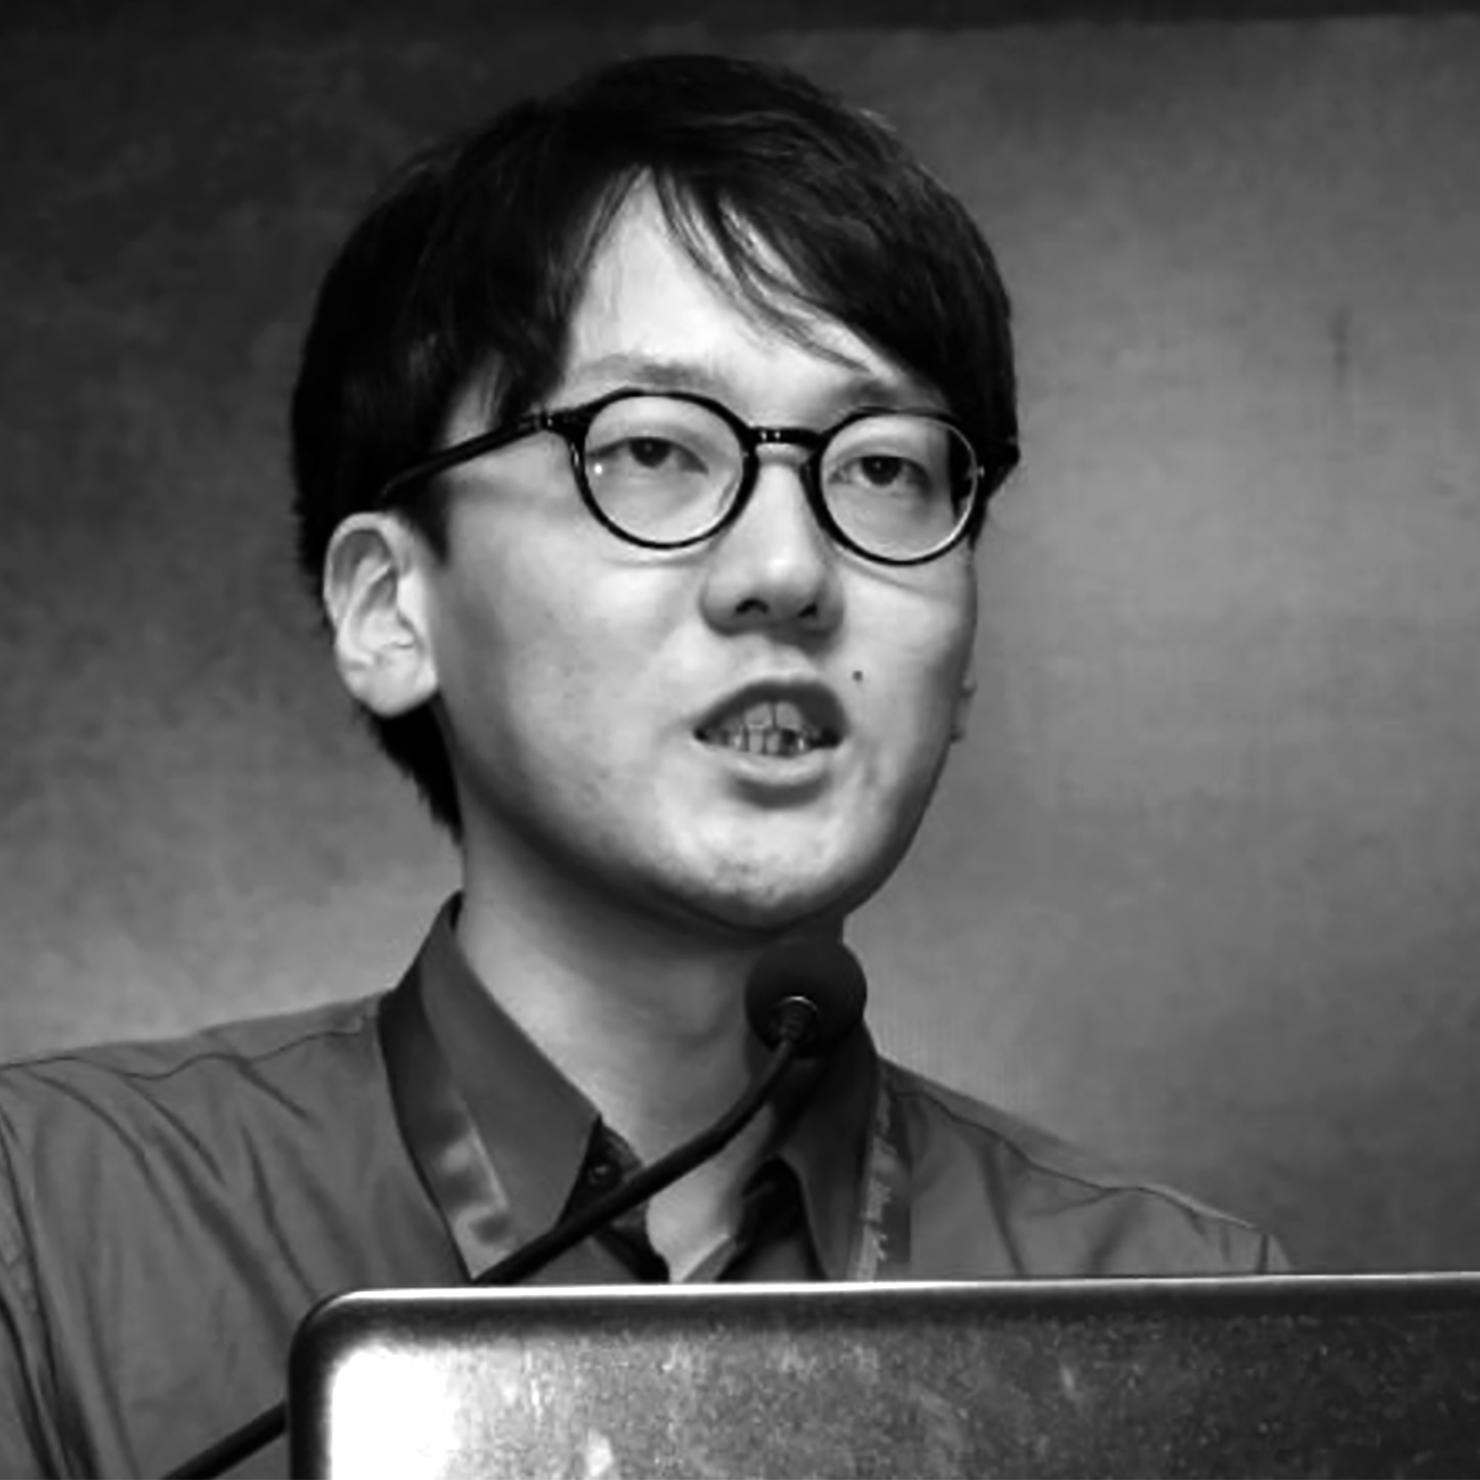 Kohei Saito